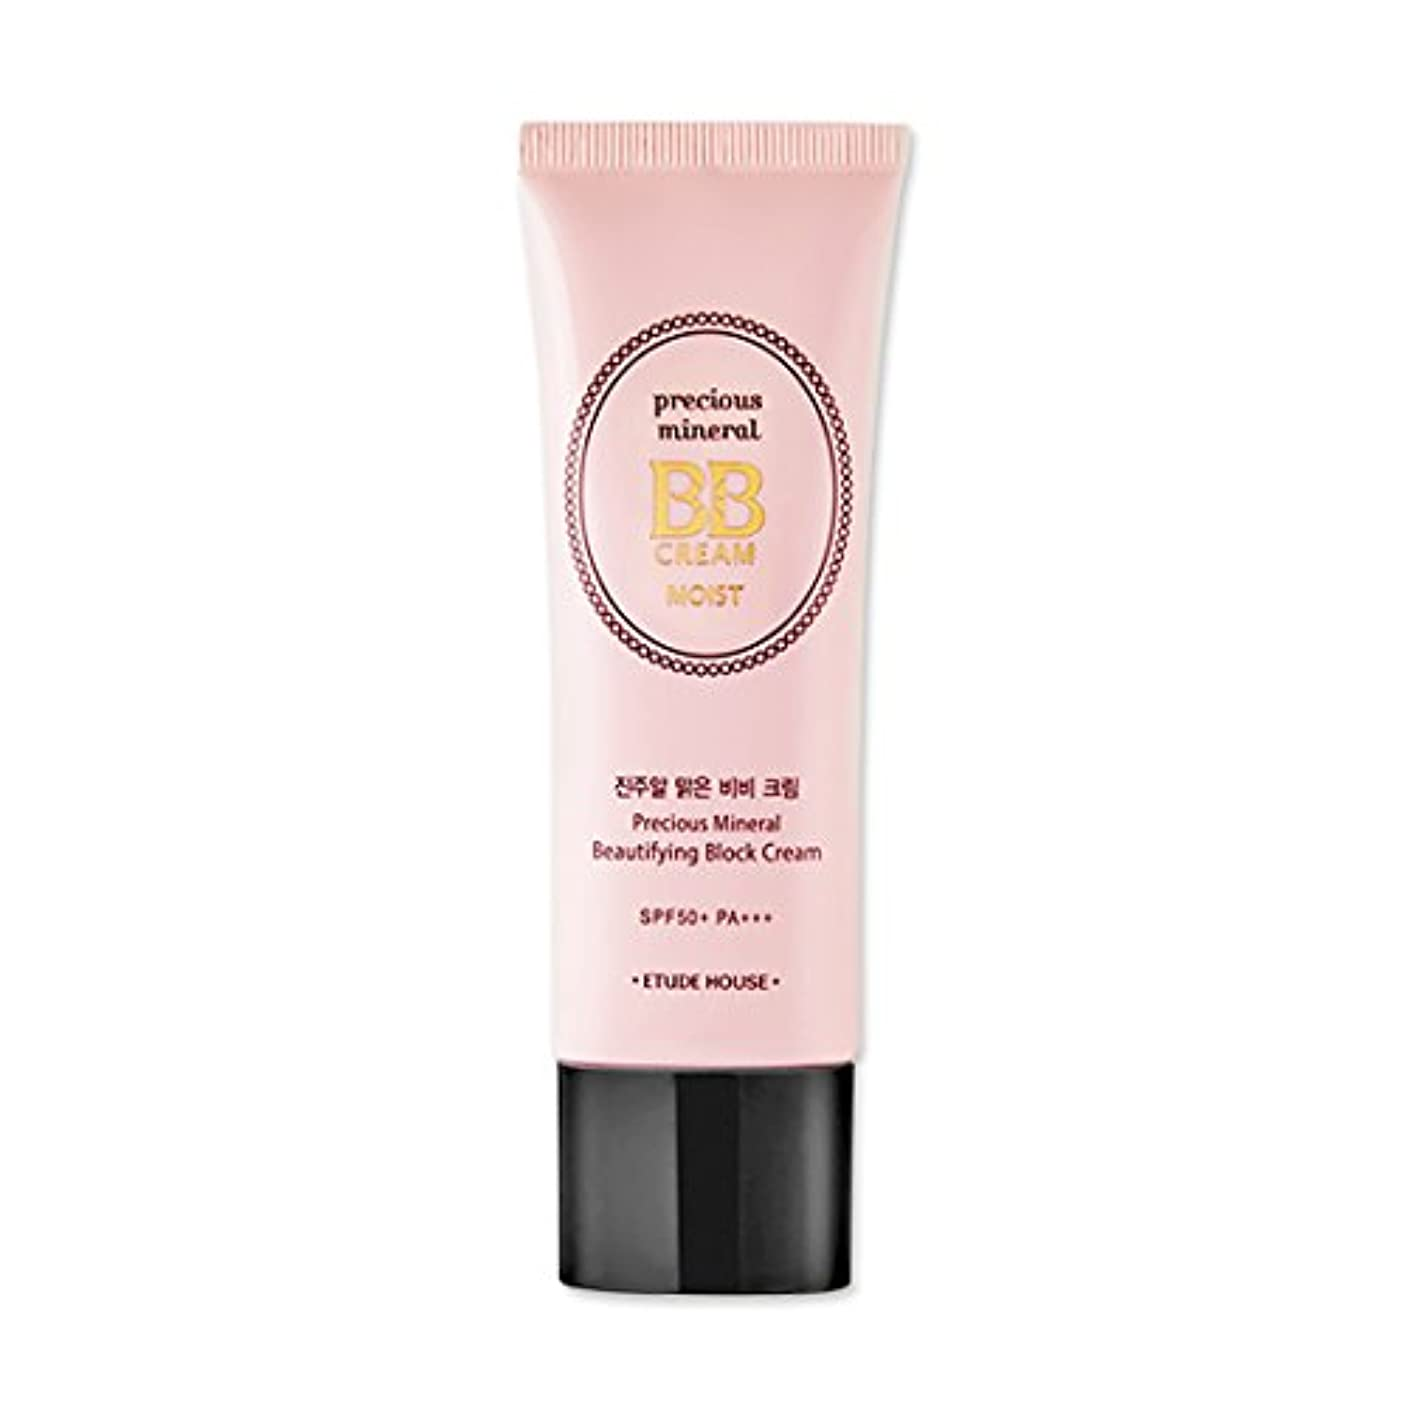 熟す差別する感じる[New] ETUDE HOUSE Precious Mineral BB Cream * Moist * 45g/エチュードハウス プレシャス ミネラル BBクリーム * モイスト * 45g (#Sand) [並行輸入品]